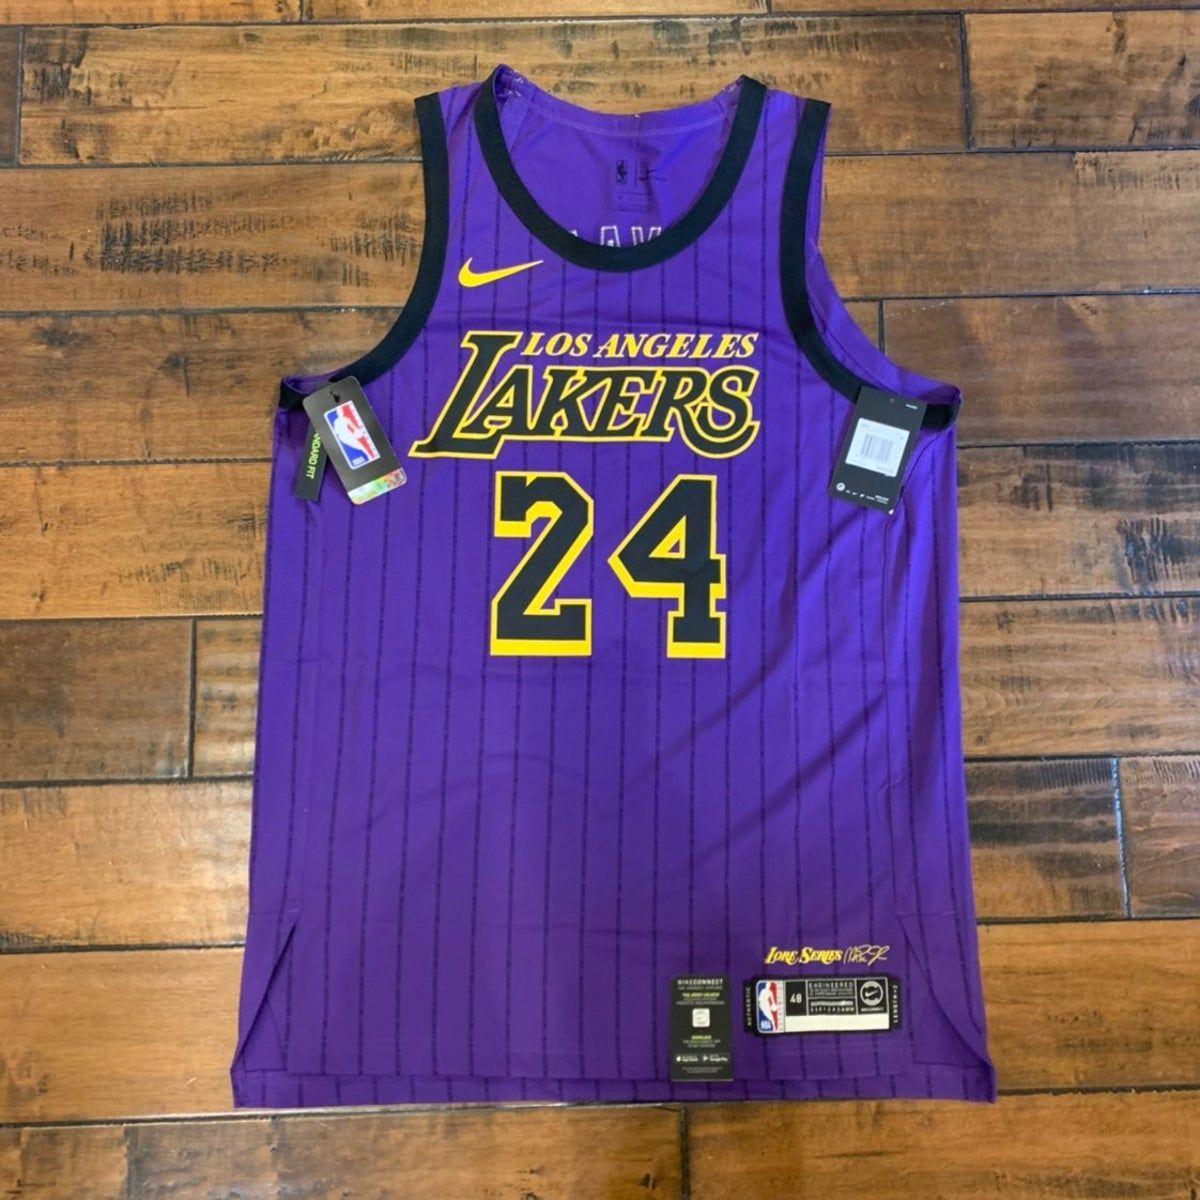 Nike Kobe Bryant City Edition Jersey 48 Bryant City Edition Jersey Kobe Kobe Bryant Kobe Bryant Black Mamba Ko In 2020 Kobe Bryant Nike Kobe Bryant Lakers Kobe